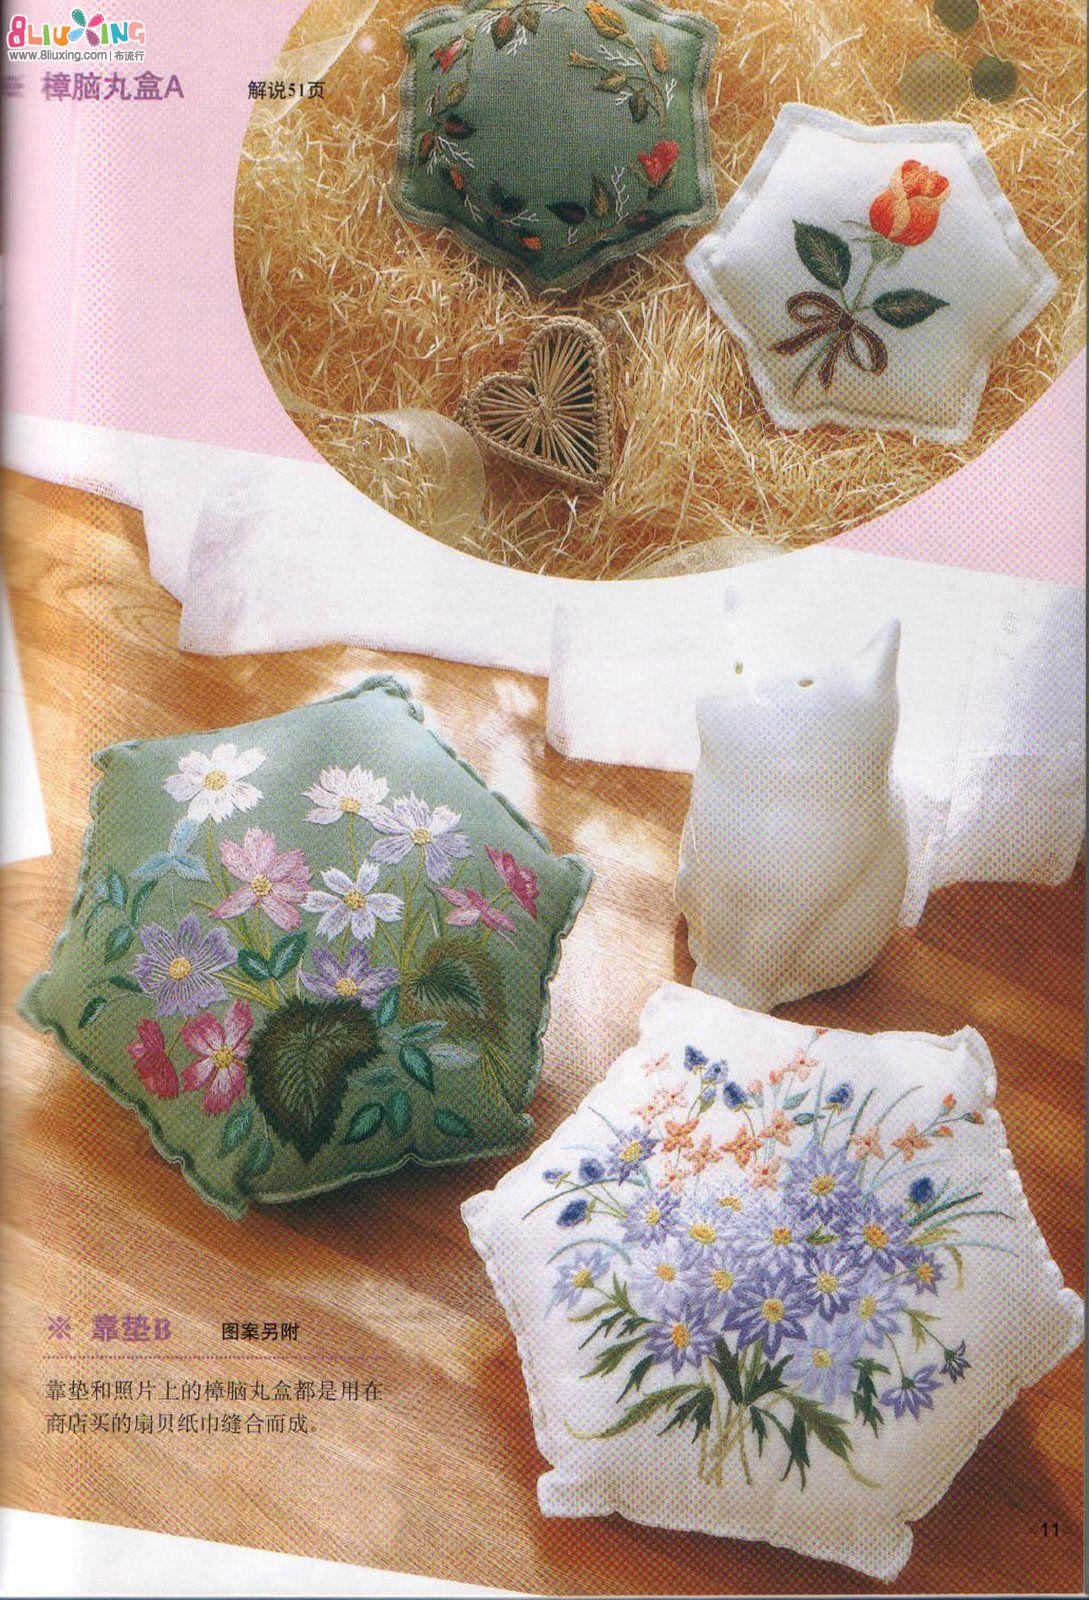 日本刺绣书 刺绣杂货